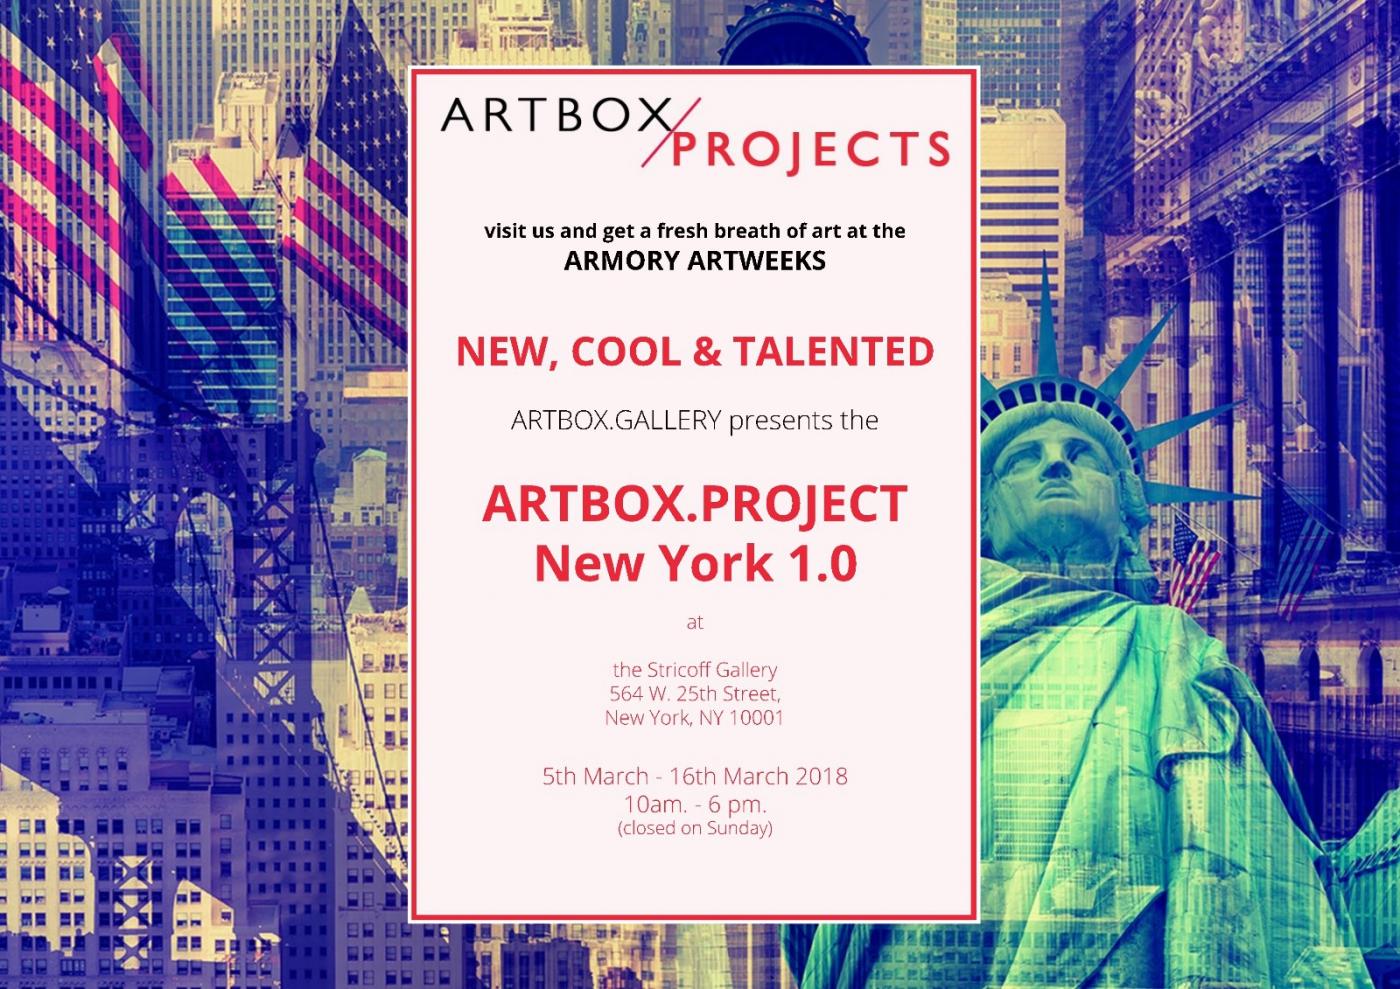 最新展讯 —ARTBOX.PROJECT纽约1.0_图1-2